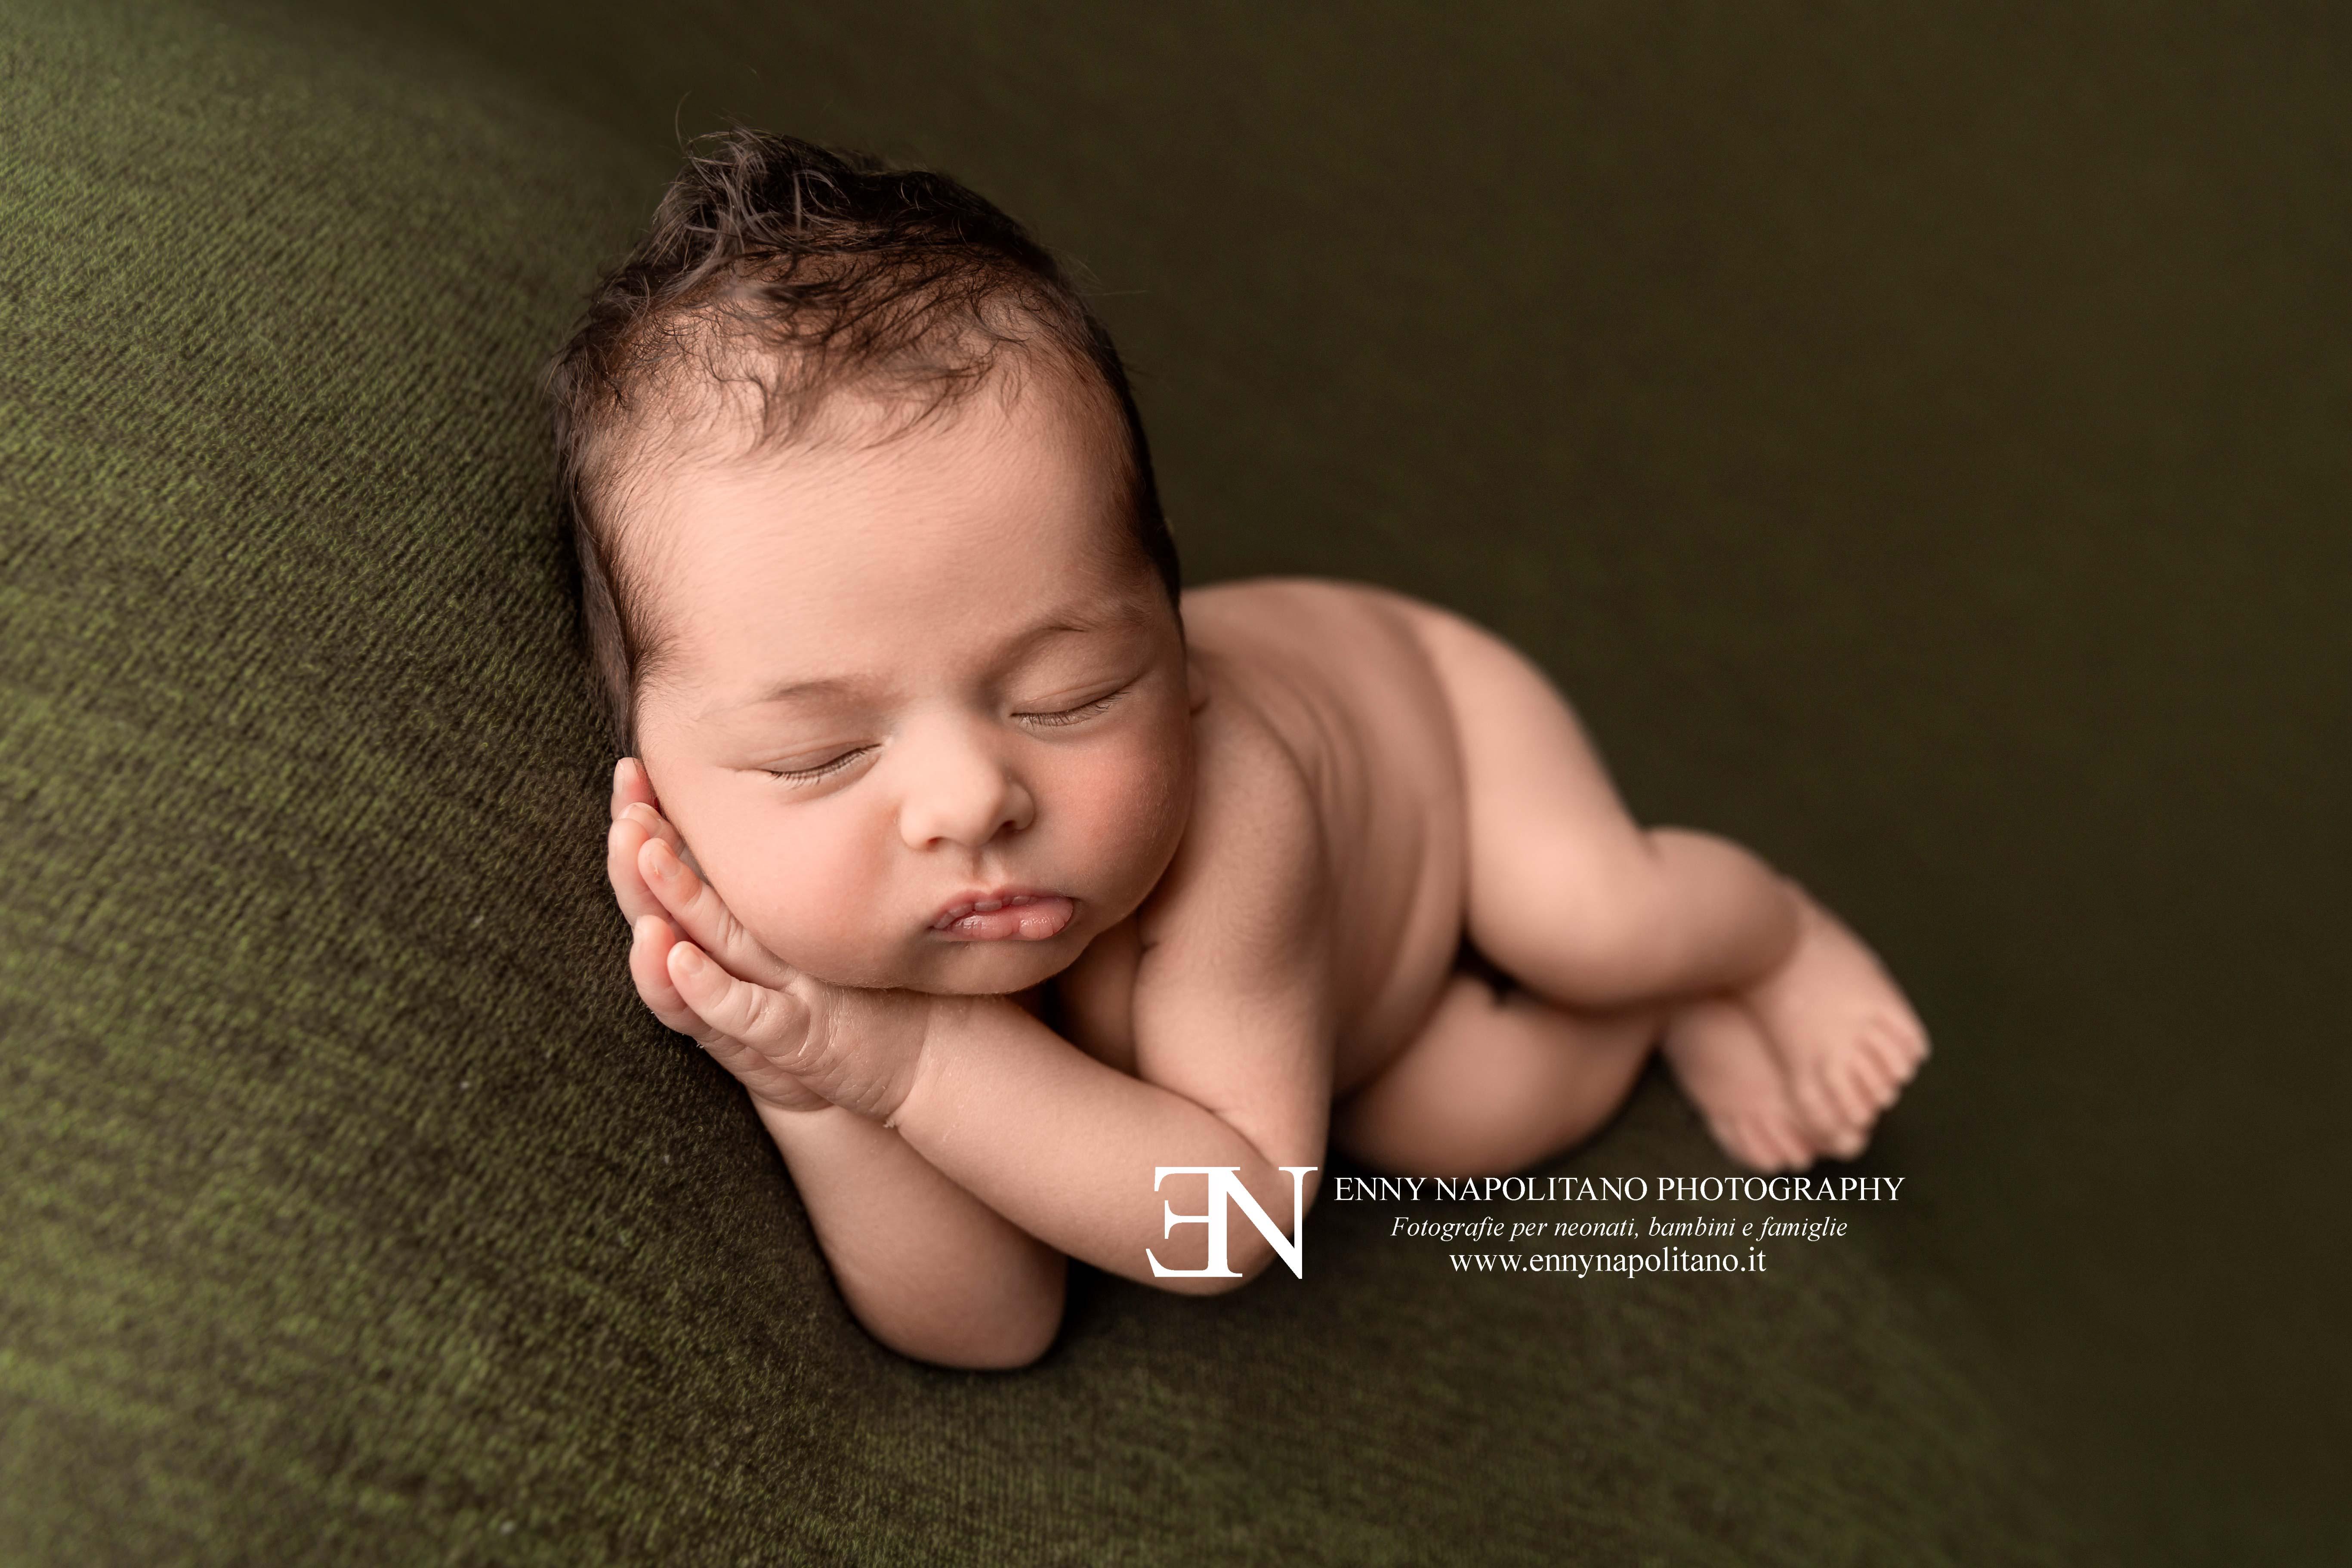 Migliore fotografo newborn neonati bambini Milano, Pavia, Monza, Bergamo, Varese